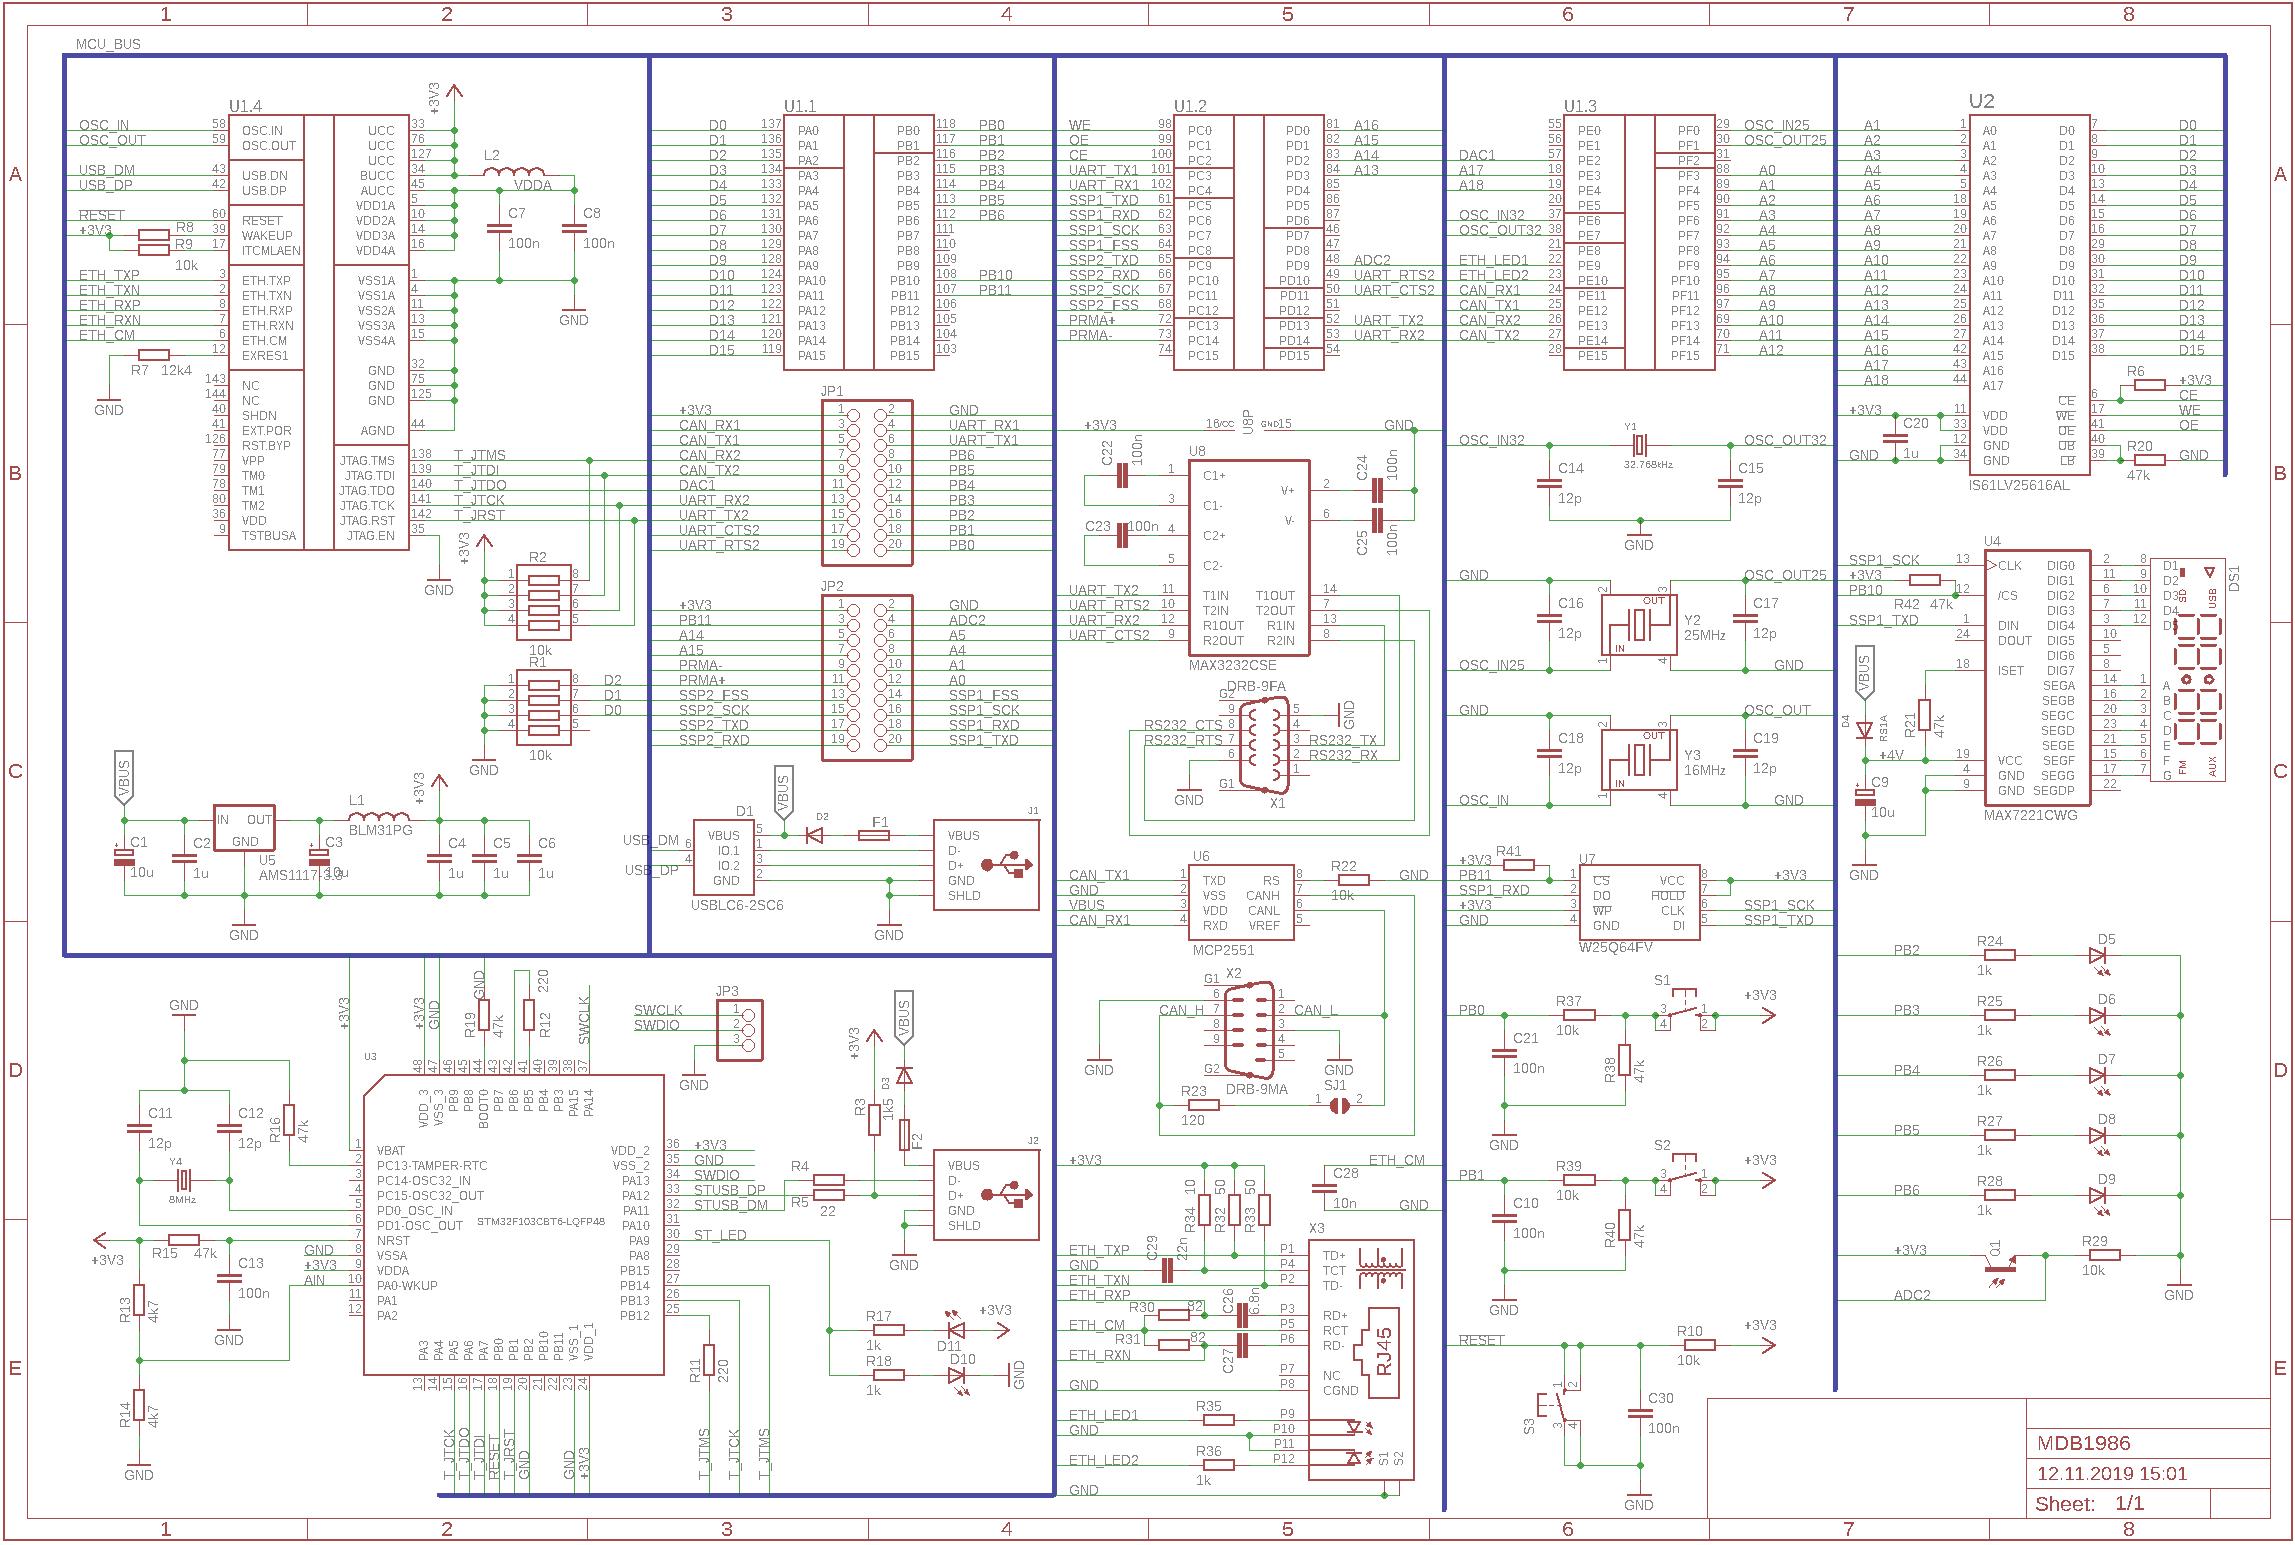 Разработка отладочной платы для К1986ВЕ1QI (авиа) - 11